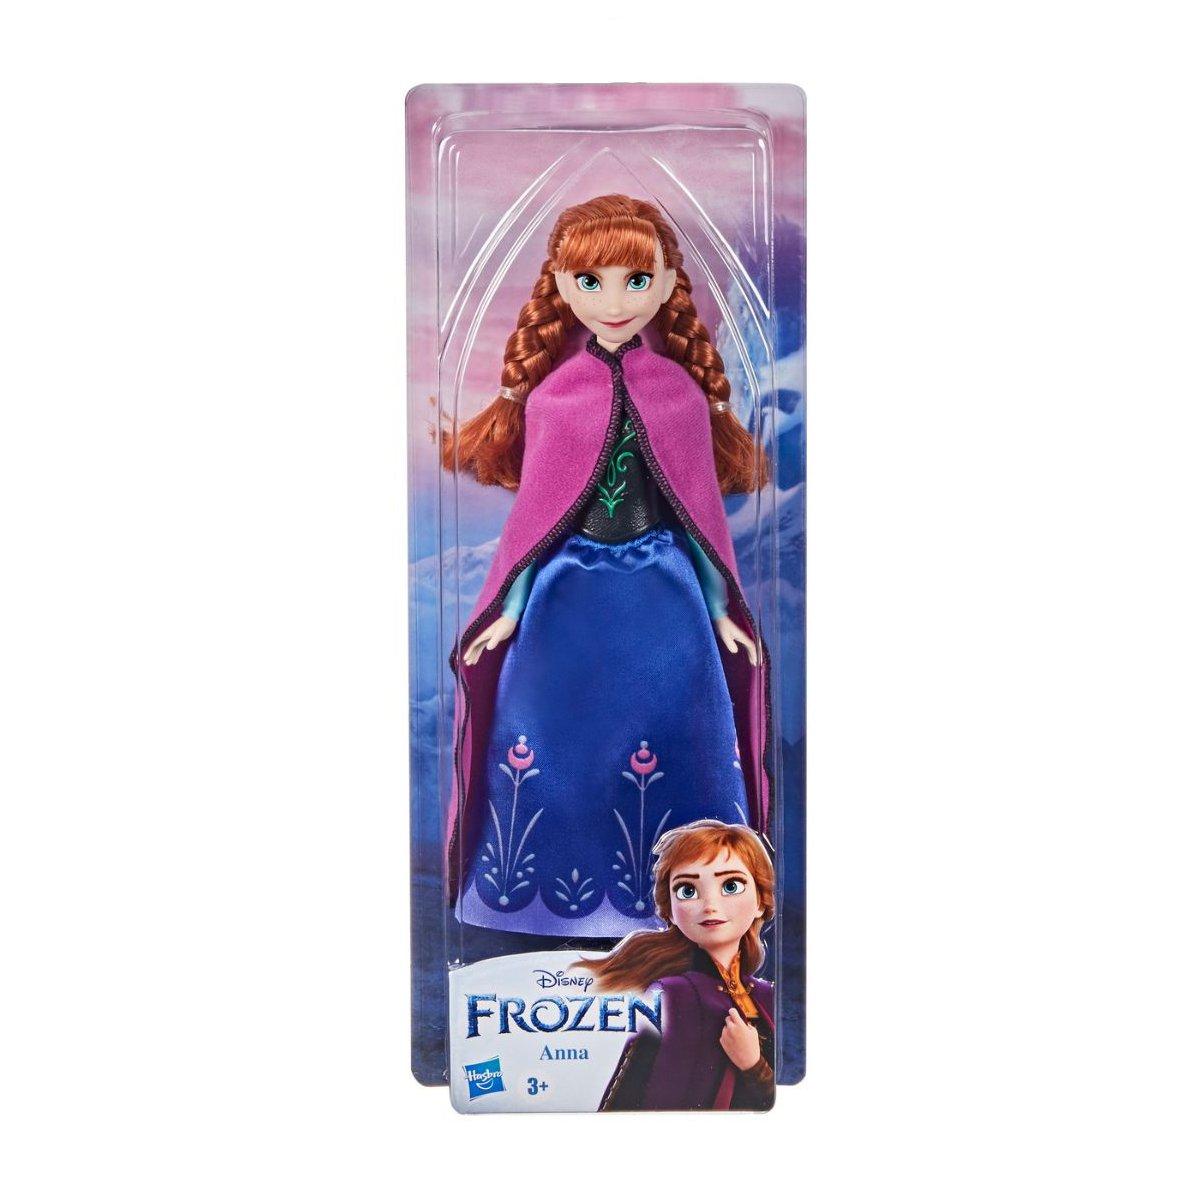 Papusa Anna, Frozen, 35 cm